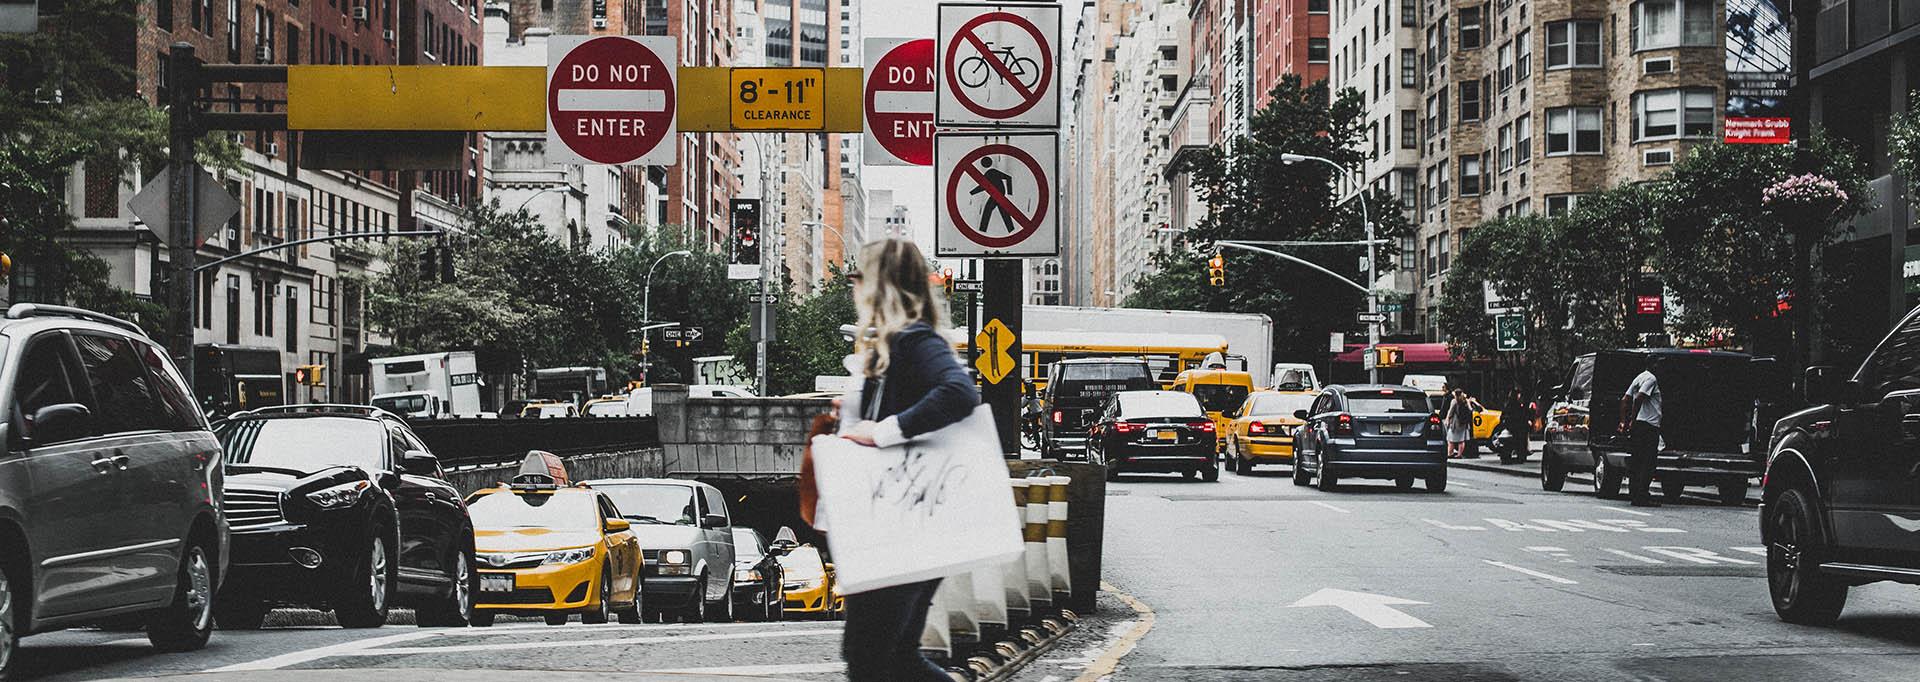 Fietsers, voetgangers & alcohol